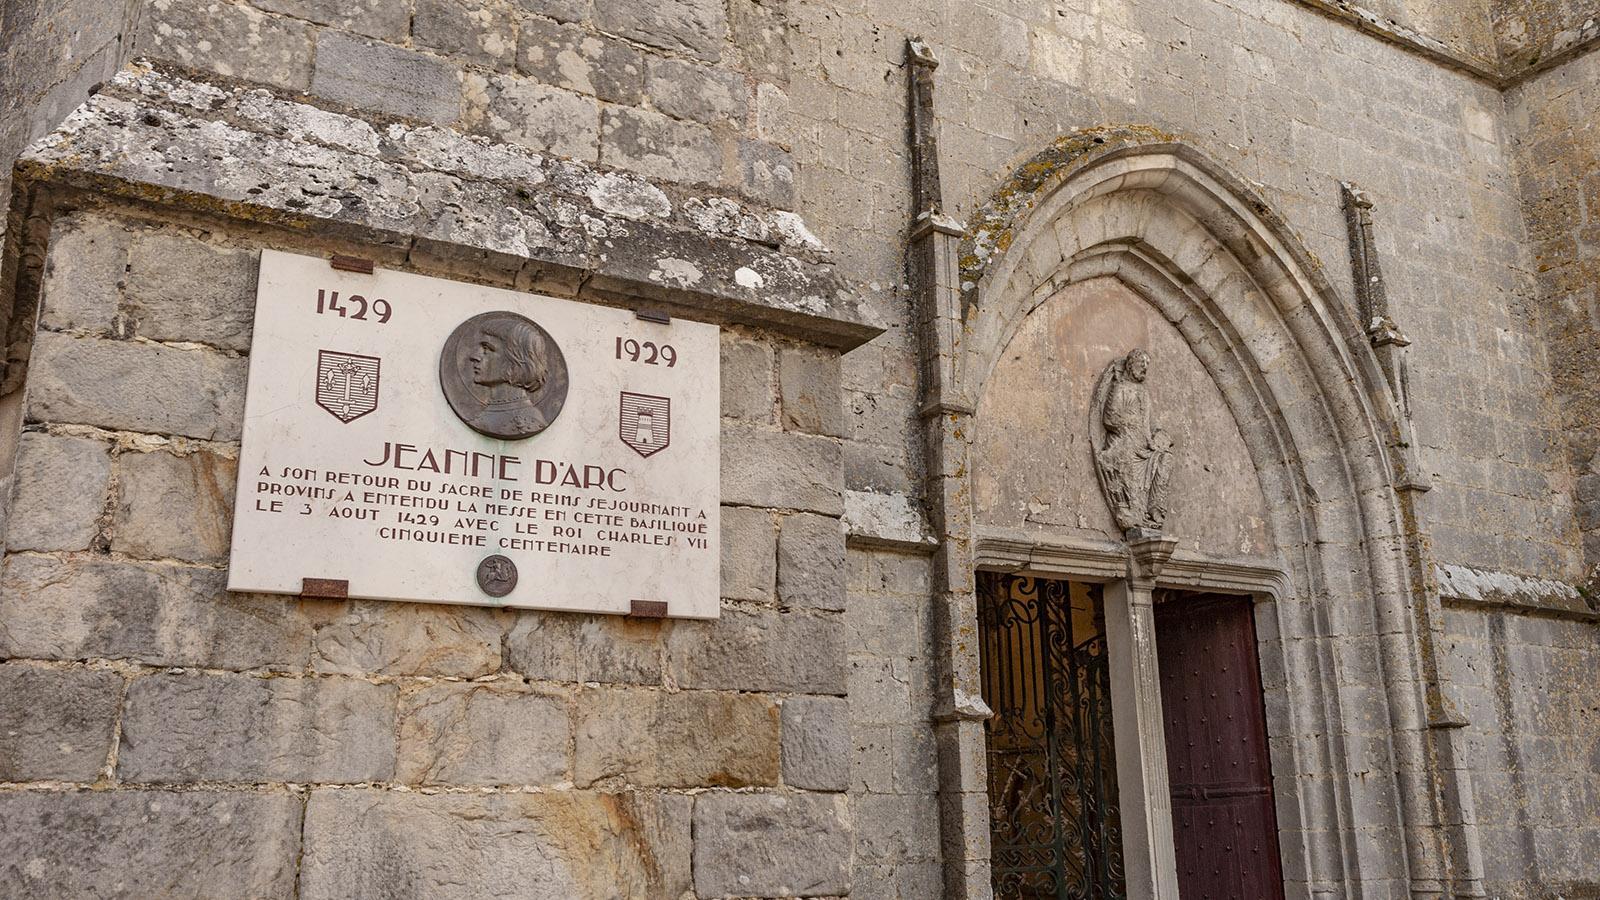 Provins: Am Eingang verrät eine Steintafel auf der Fassade: 1429 besuchteJeanne d'Arc das Chorherrenstift, als sie Charles VII. auf dem Rückweg von seiner Krönung zum König von Frankreich in Reims begleitete. Foto: Hilke Maunder